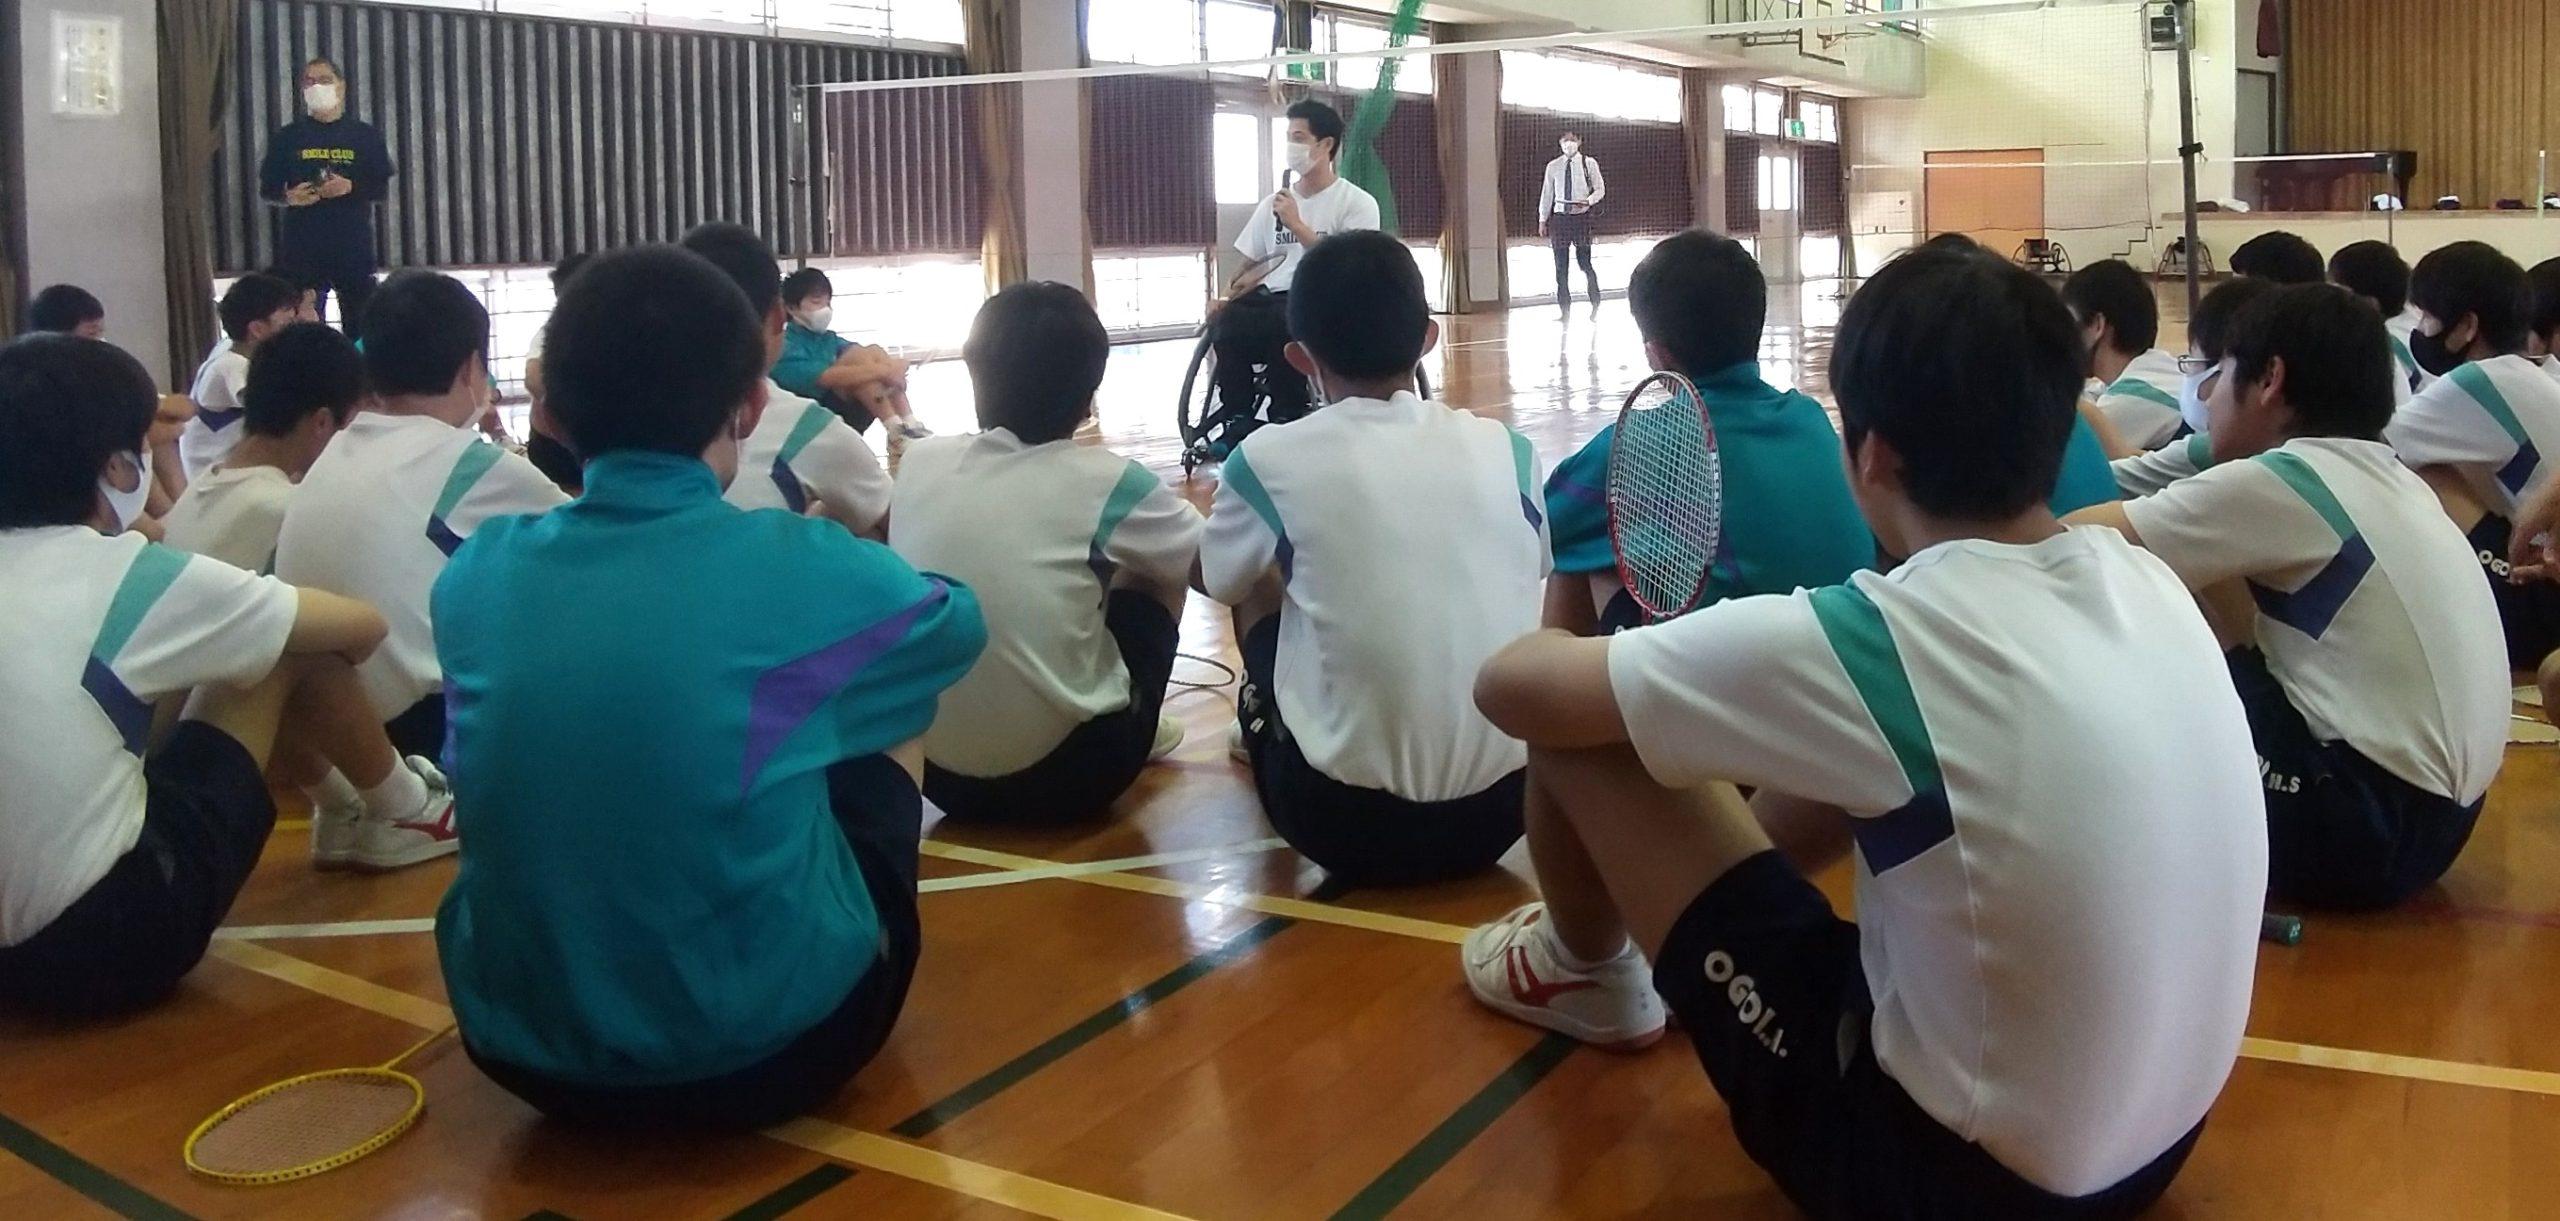 大浜選手の話に真剣なまなざしを向ける生徒のみなさん